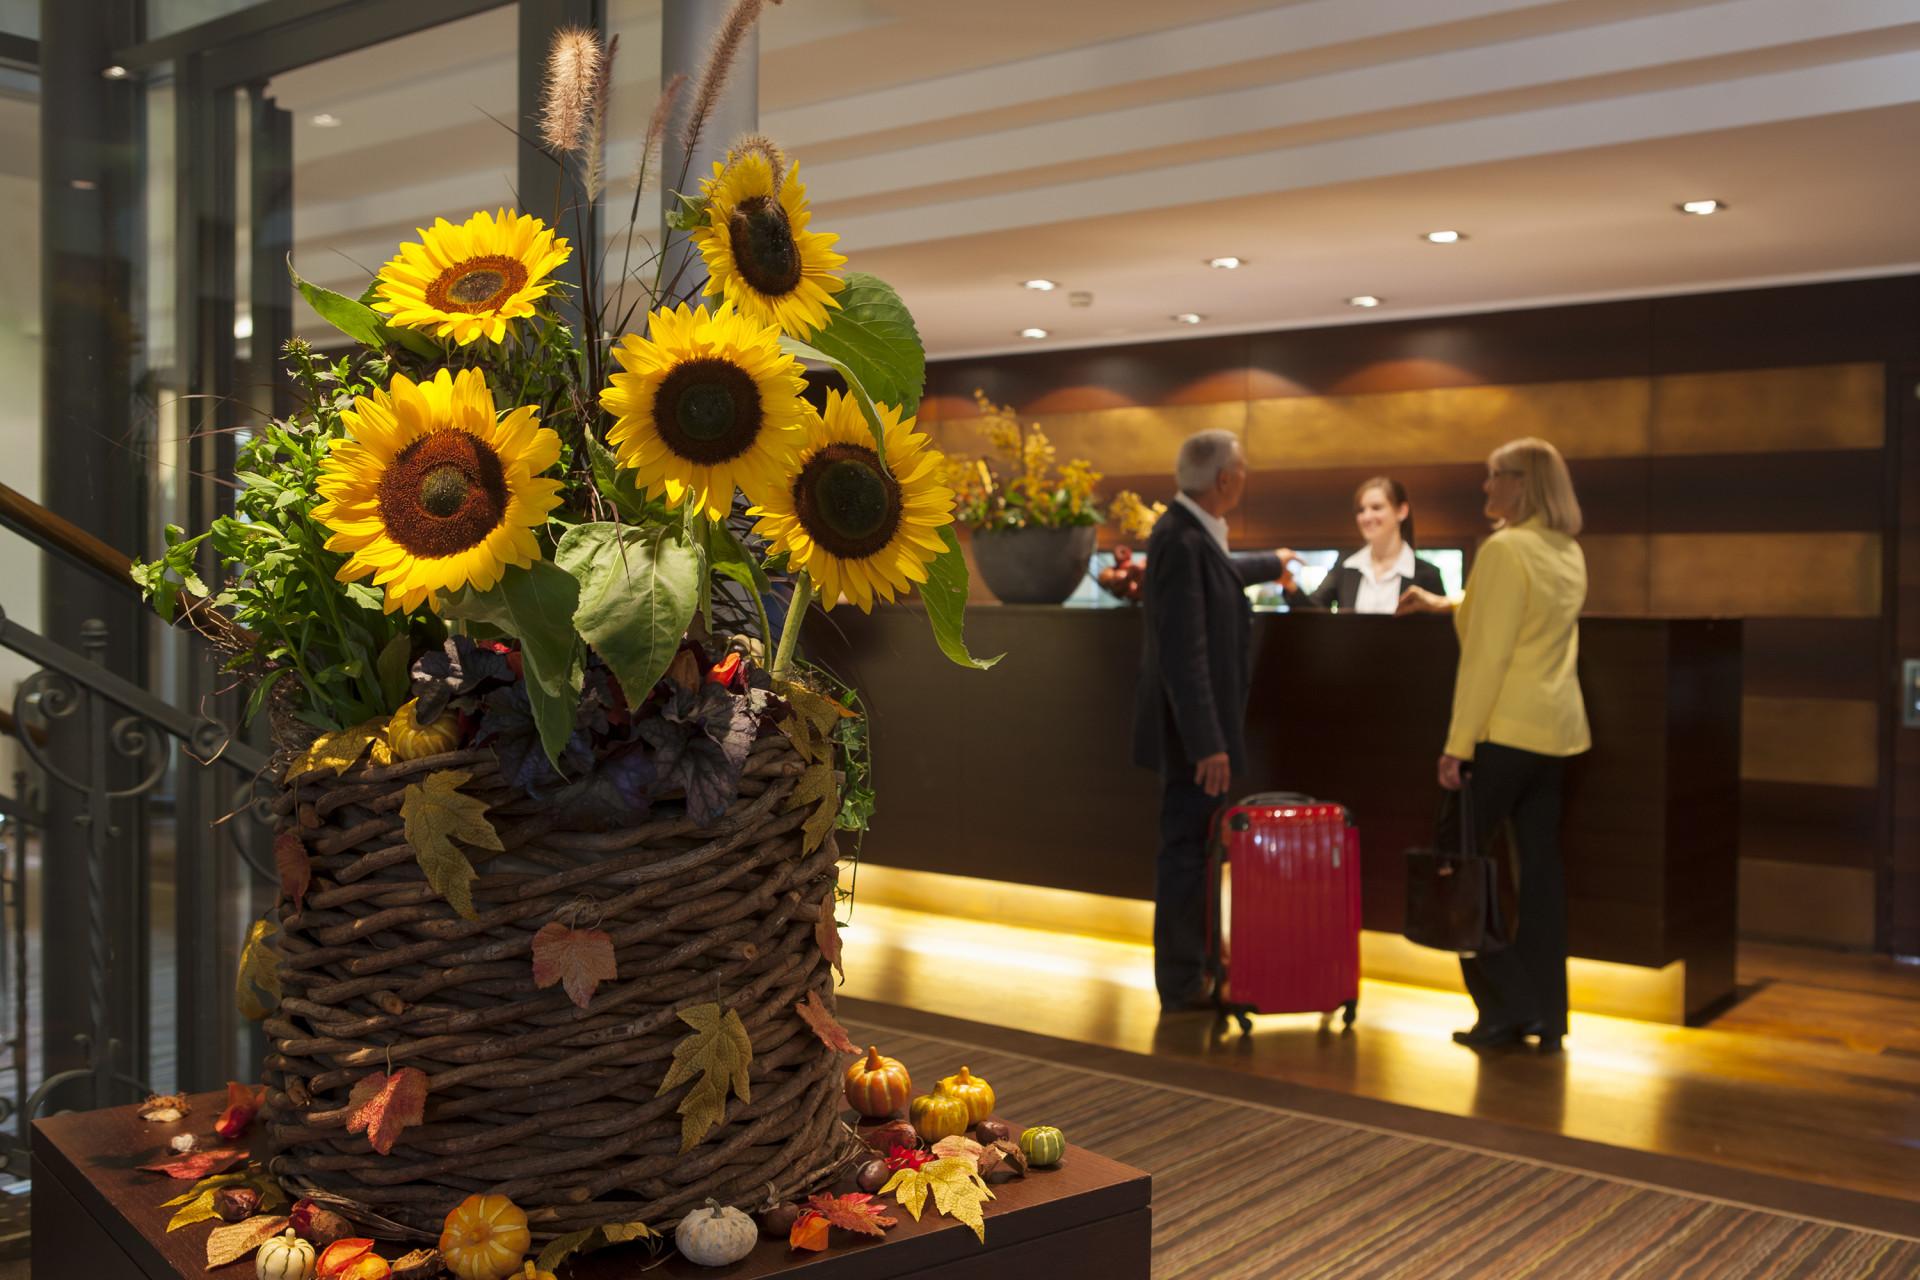 Gäste an Réception mit Sonnenblumen im Vordergrund